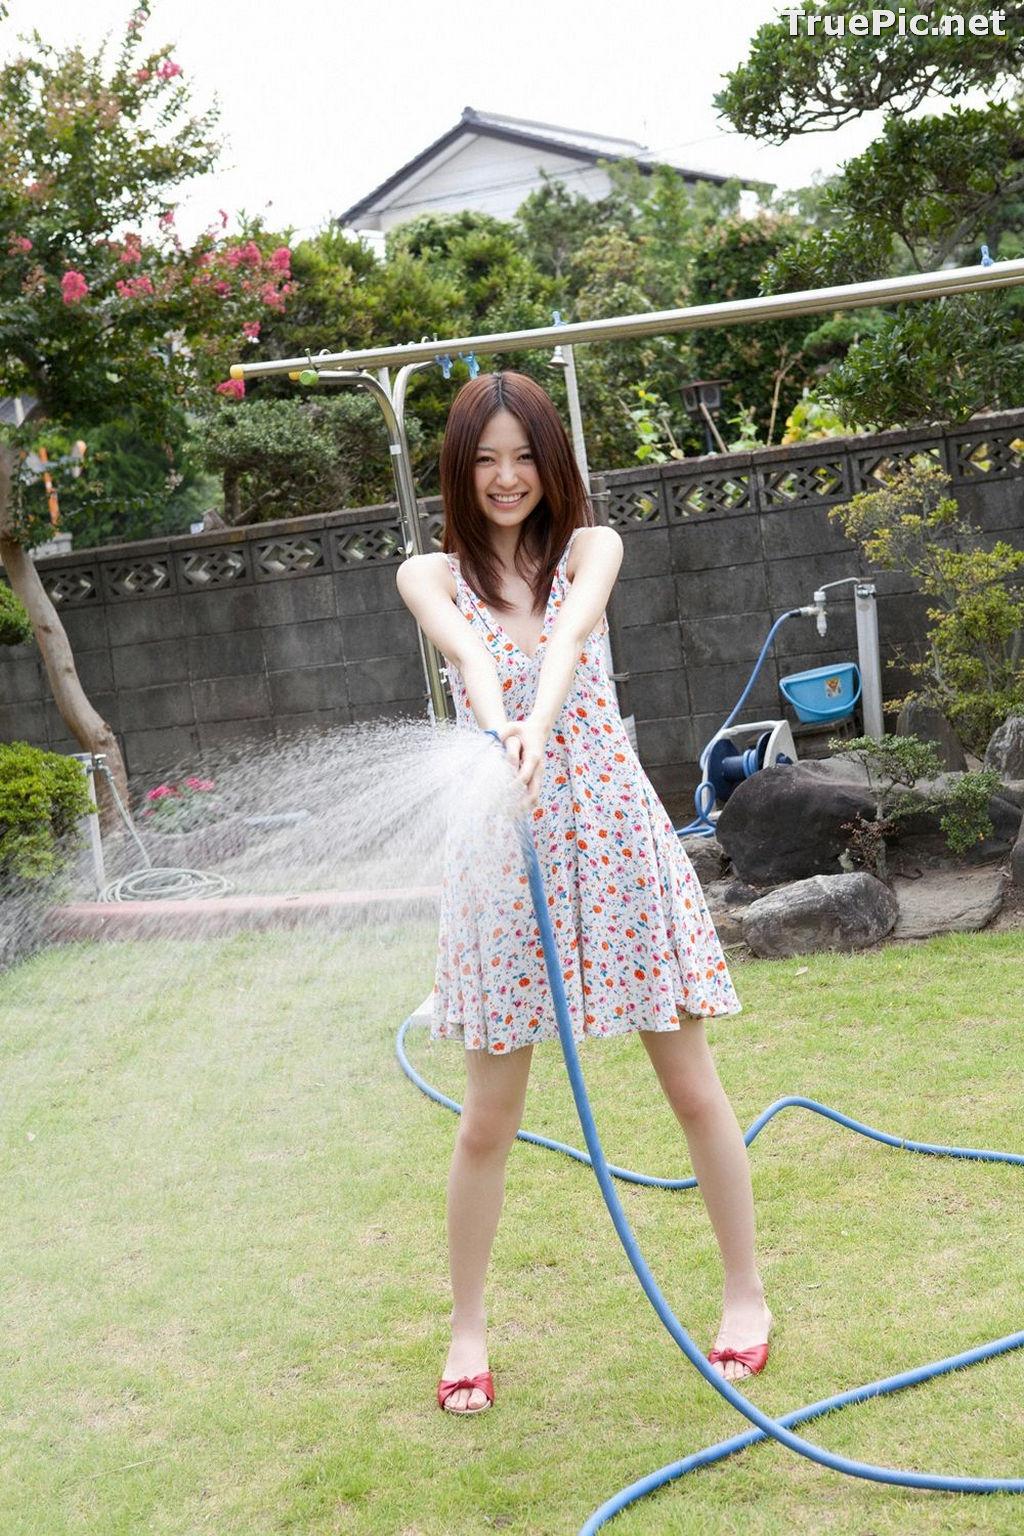 Image YS Web Vol.497 - Japanese Actress and Gravure Idol - Rina Aizawa - TruePic.net - Picture-3